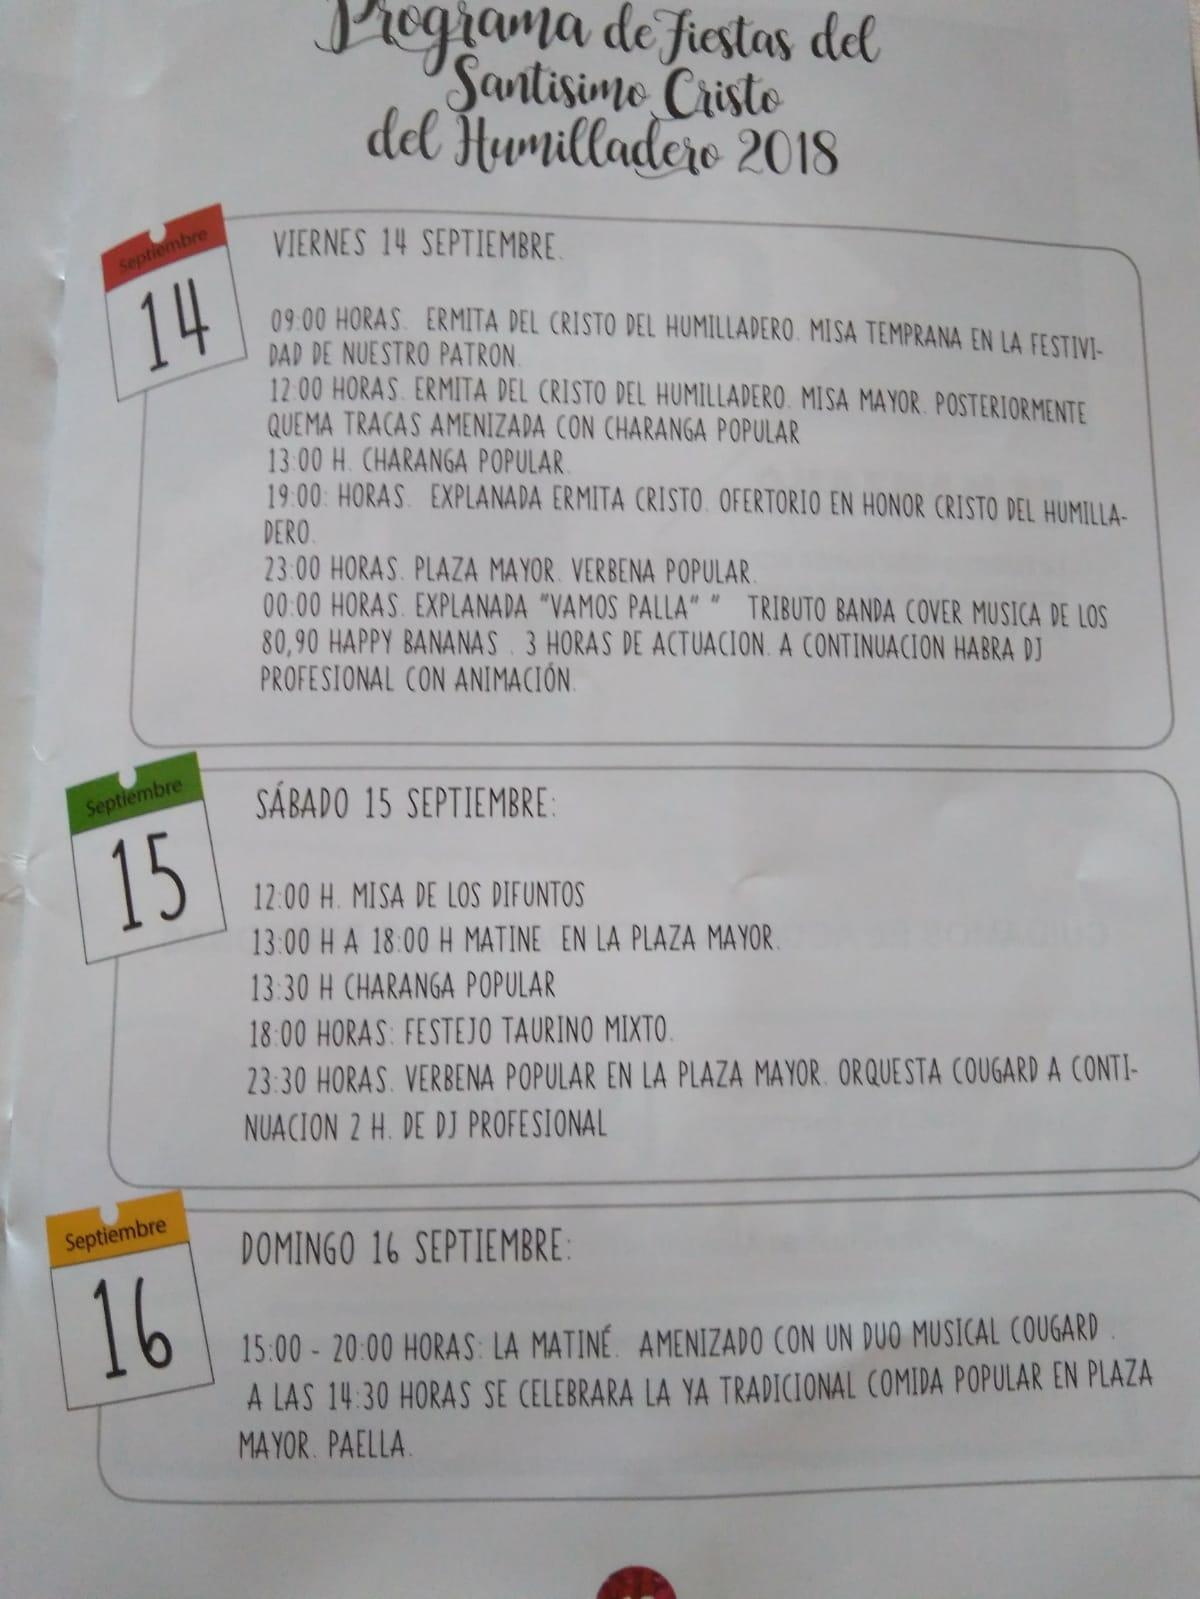 Fiestas patronales 2018 - Torremocha (Cáceres) 2